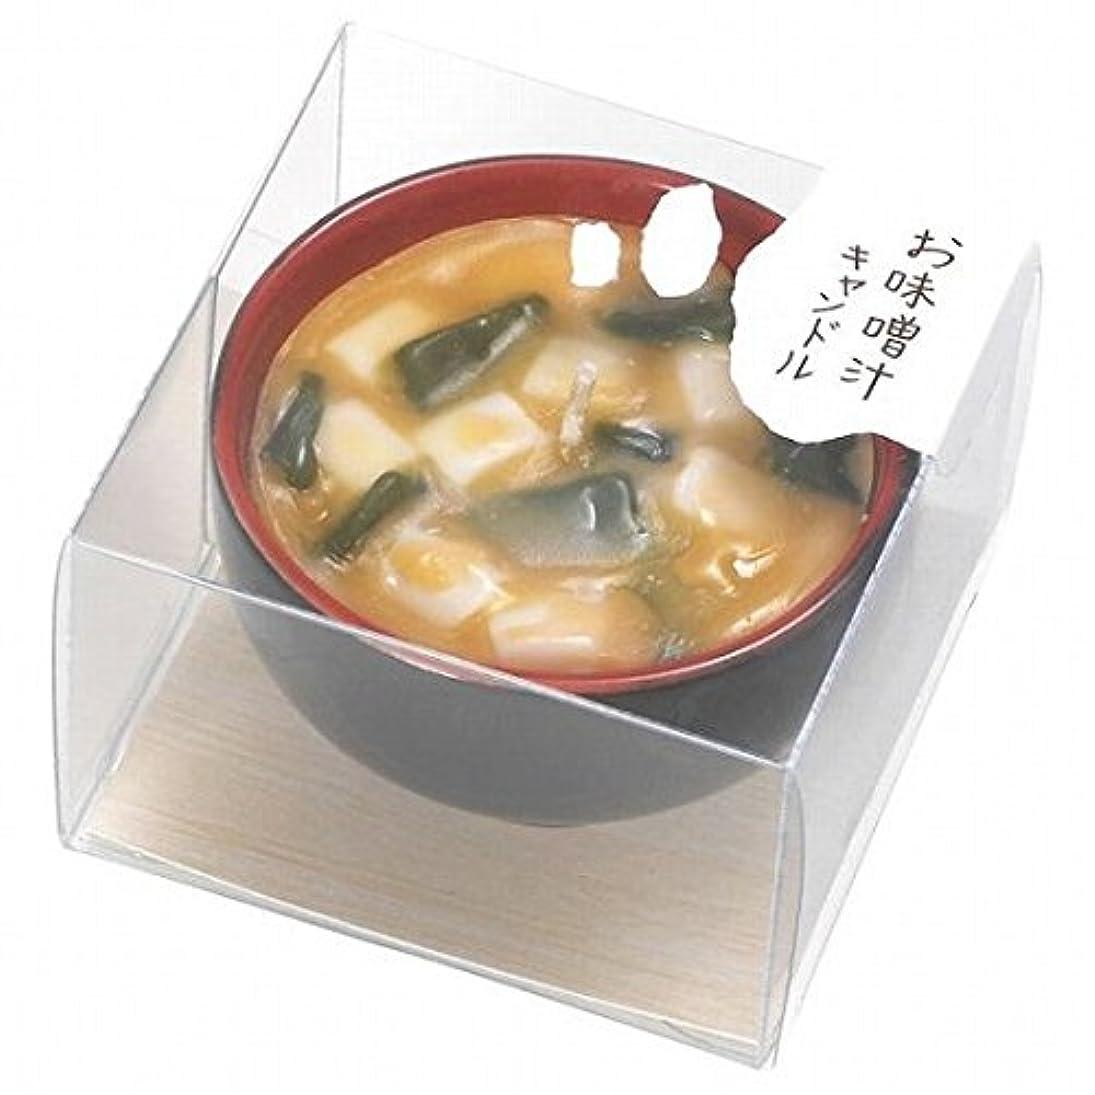 家温室恥kameyama candle(カメヤマキャンドル) お味噌汁キャンドル(86950000)